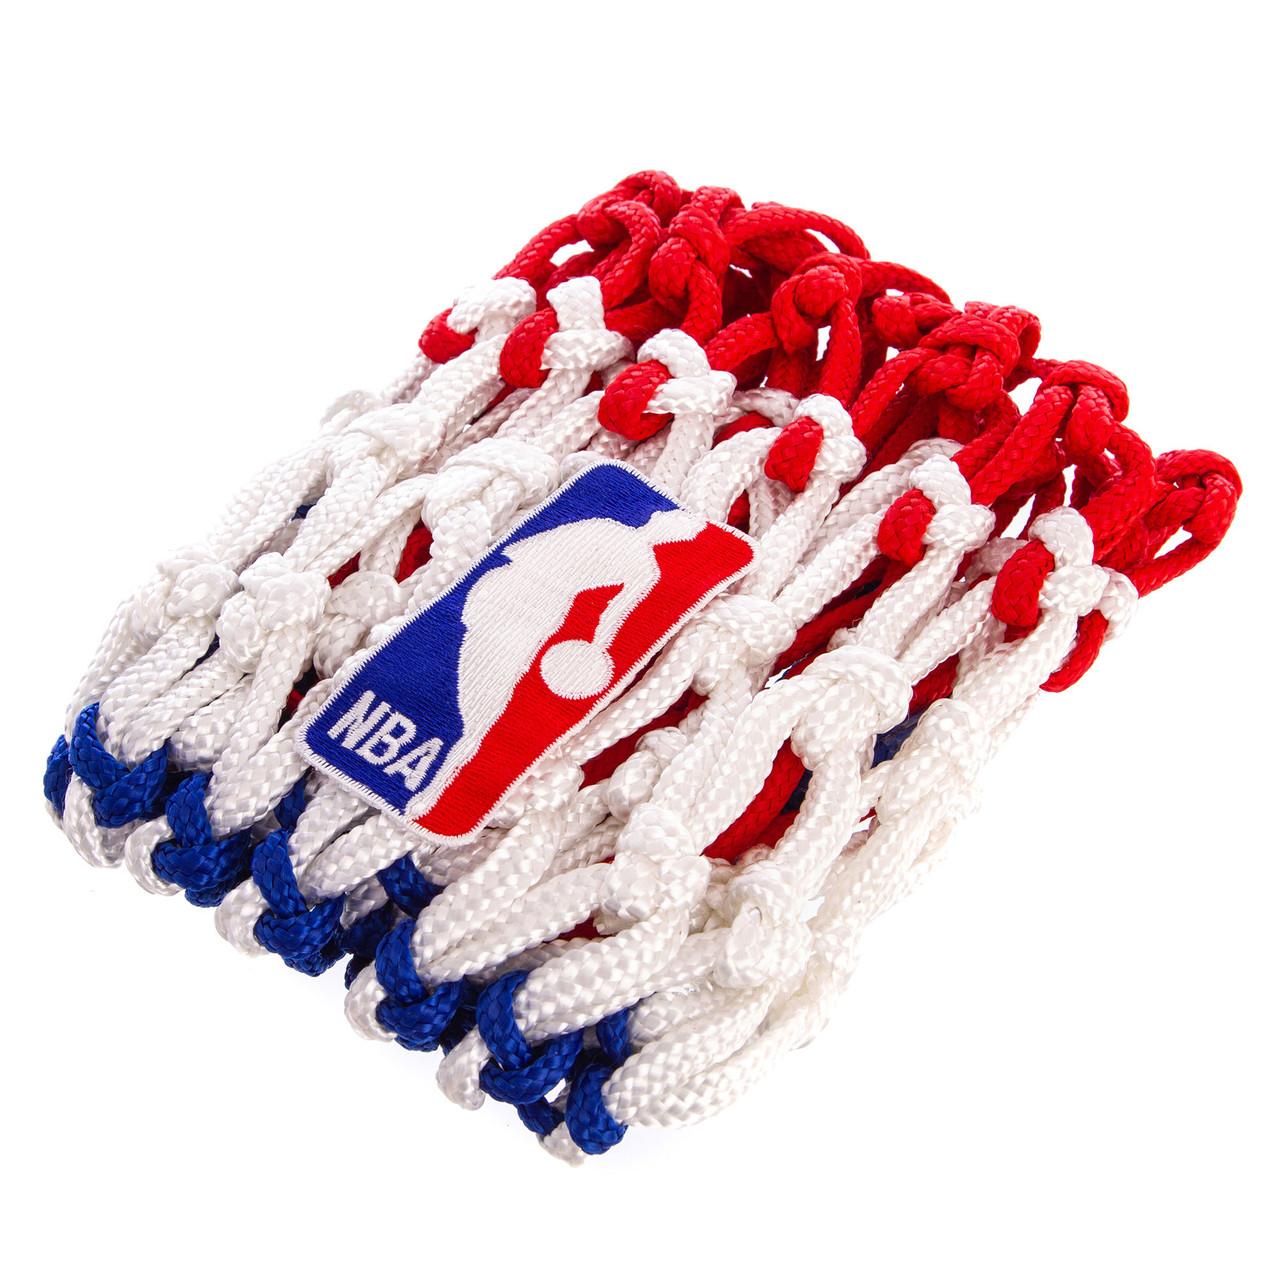 Сетка баскетбольная SPALDING (полиэстер, 12 петель, цвет бело-красно-синий, в компл. 1шт, вес 220гр)